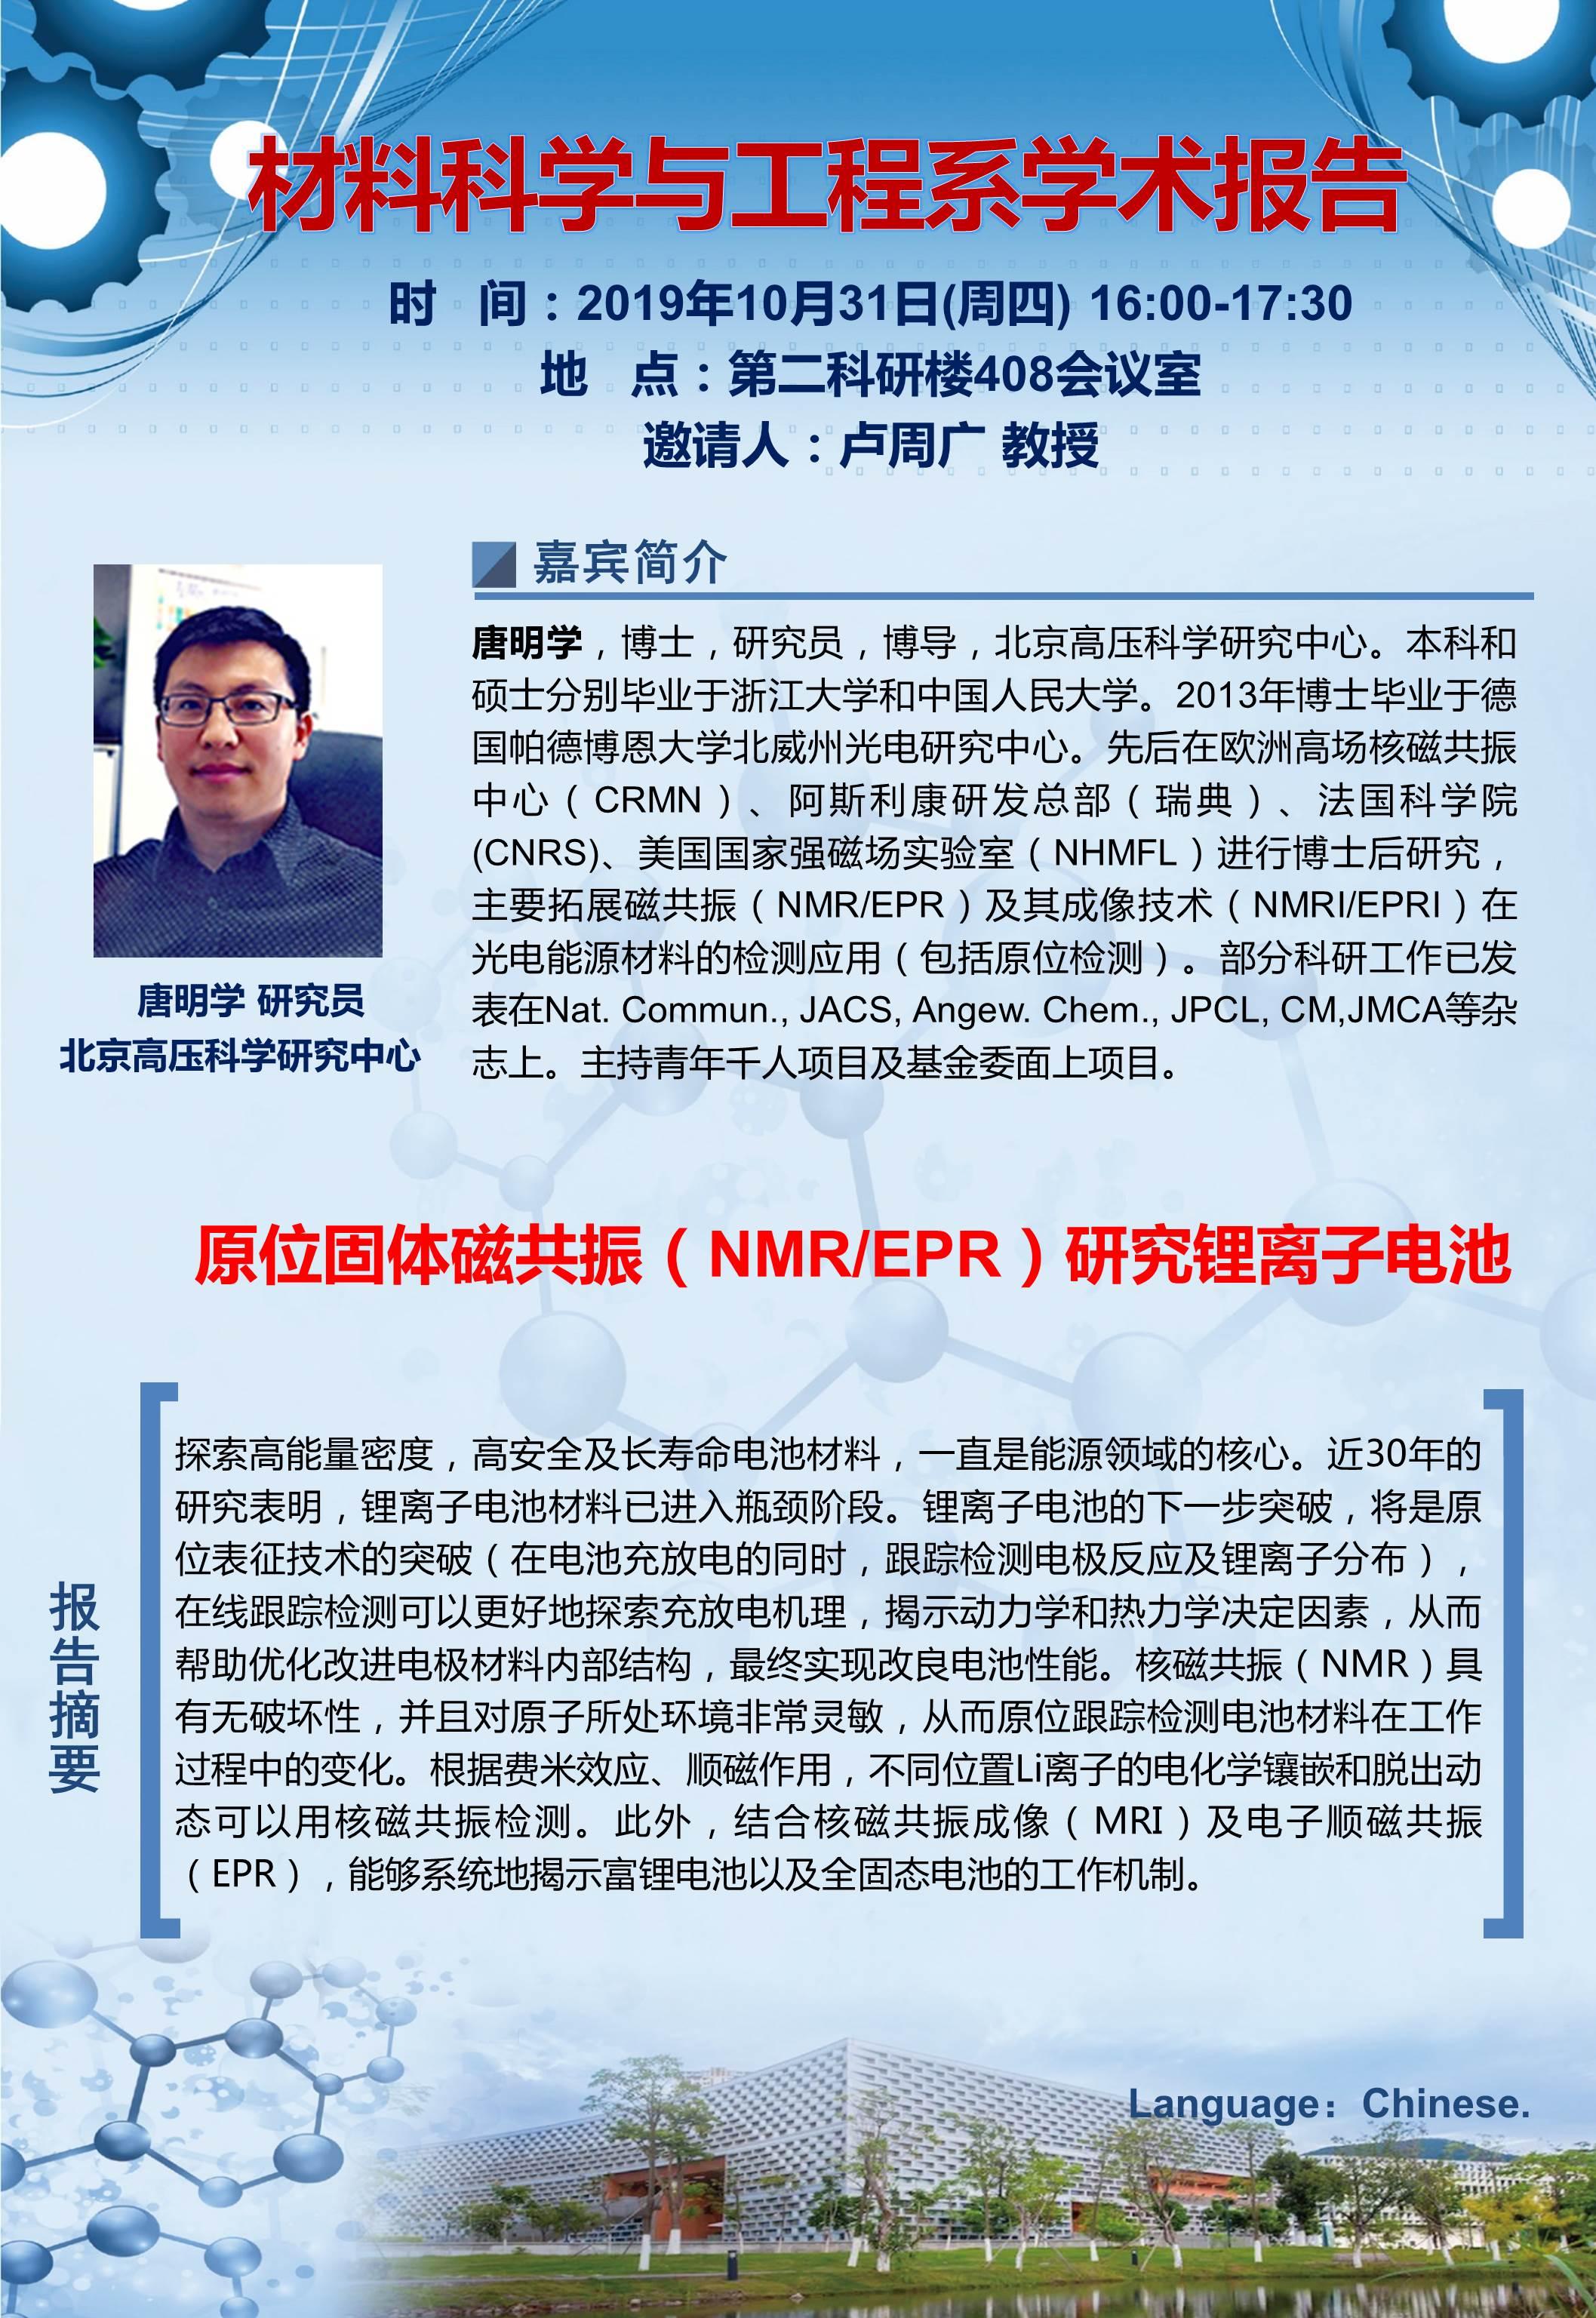 10月31日   唐明学研究员   16:00-17:30     卢周广.jpg